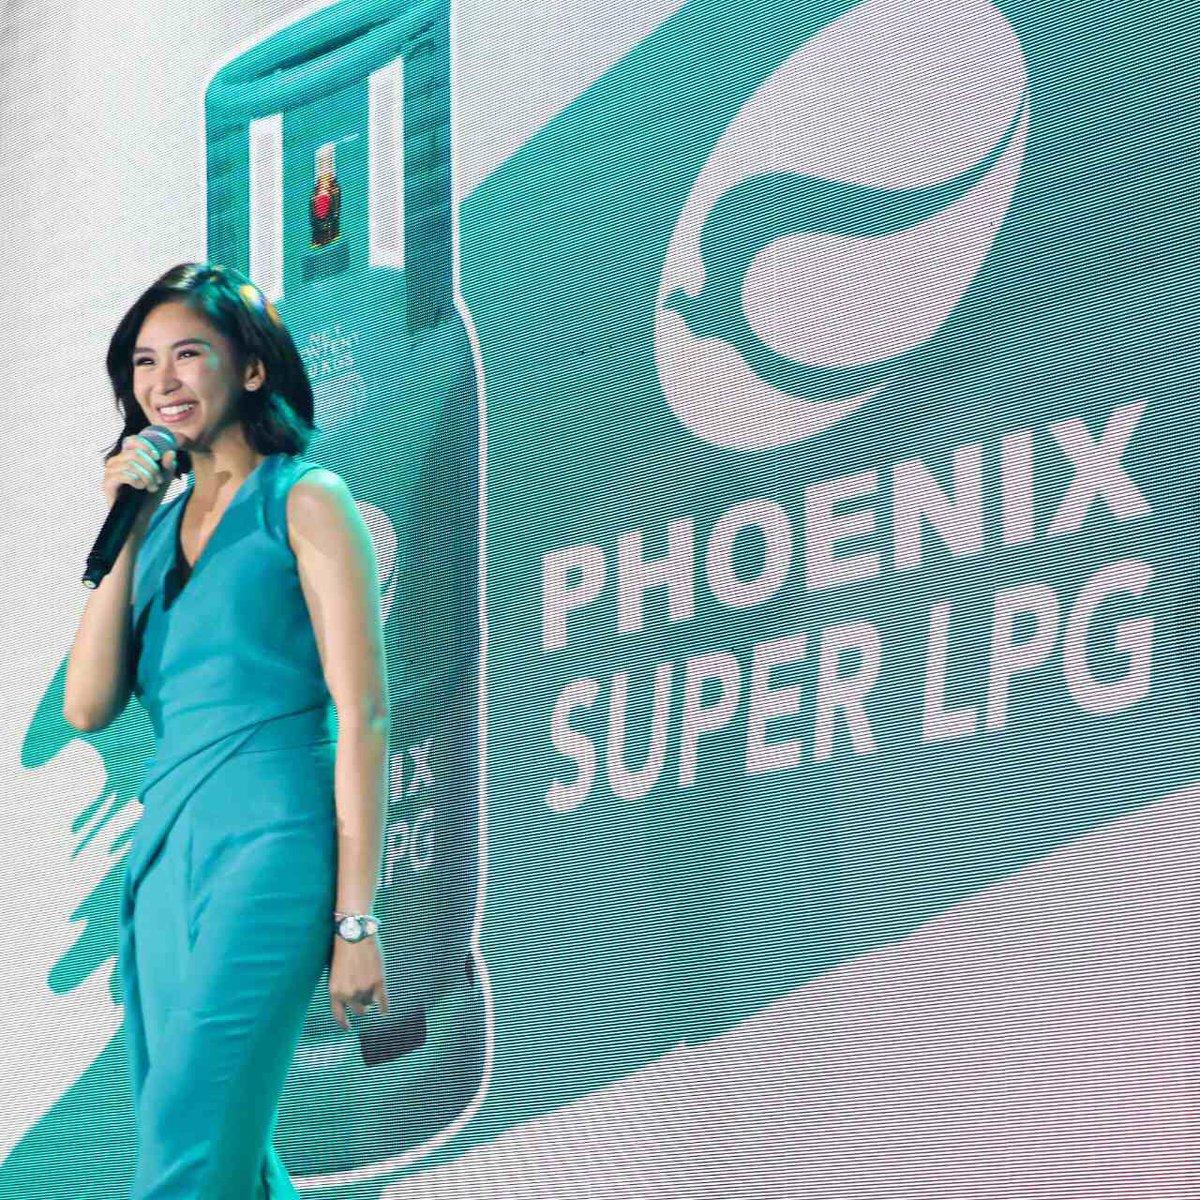 Totoo ang balita! @phoenixsuperlpg has finally revealed Popstar Royalty Sarah Geronimo as its very first brand ambassador! Abangan ang hinanda naming sorpresa this Sunday! #SarapPalaMagluto #SarahGForPhoenixSuperLPG #PhoenixSuperLPG